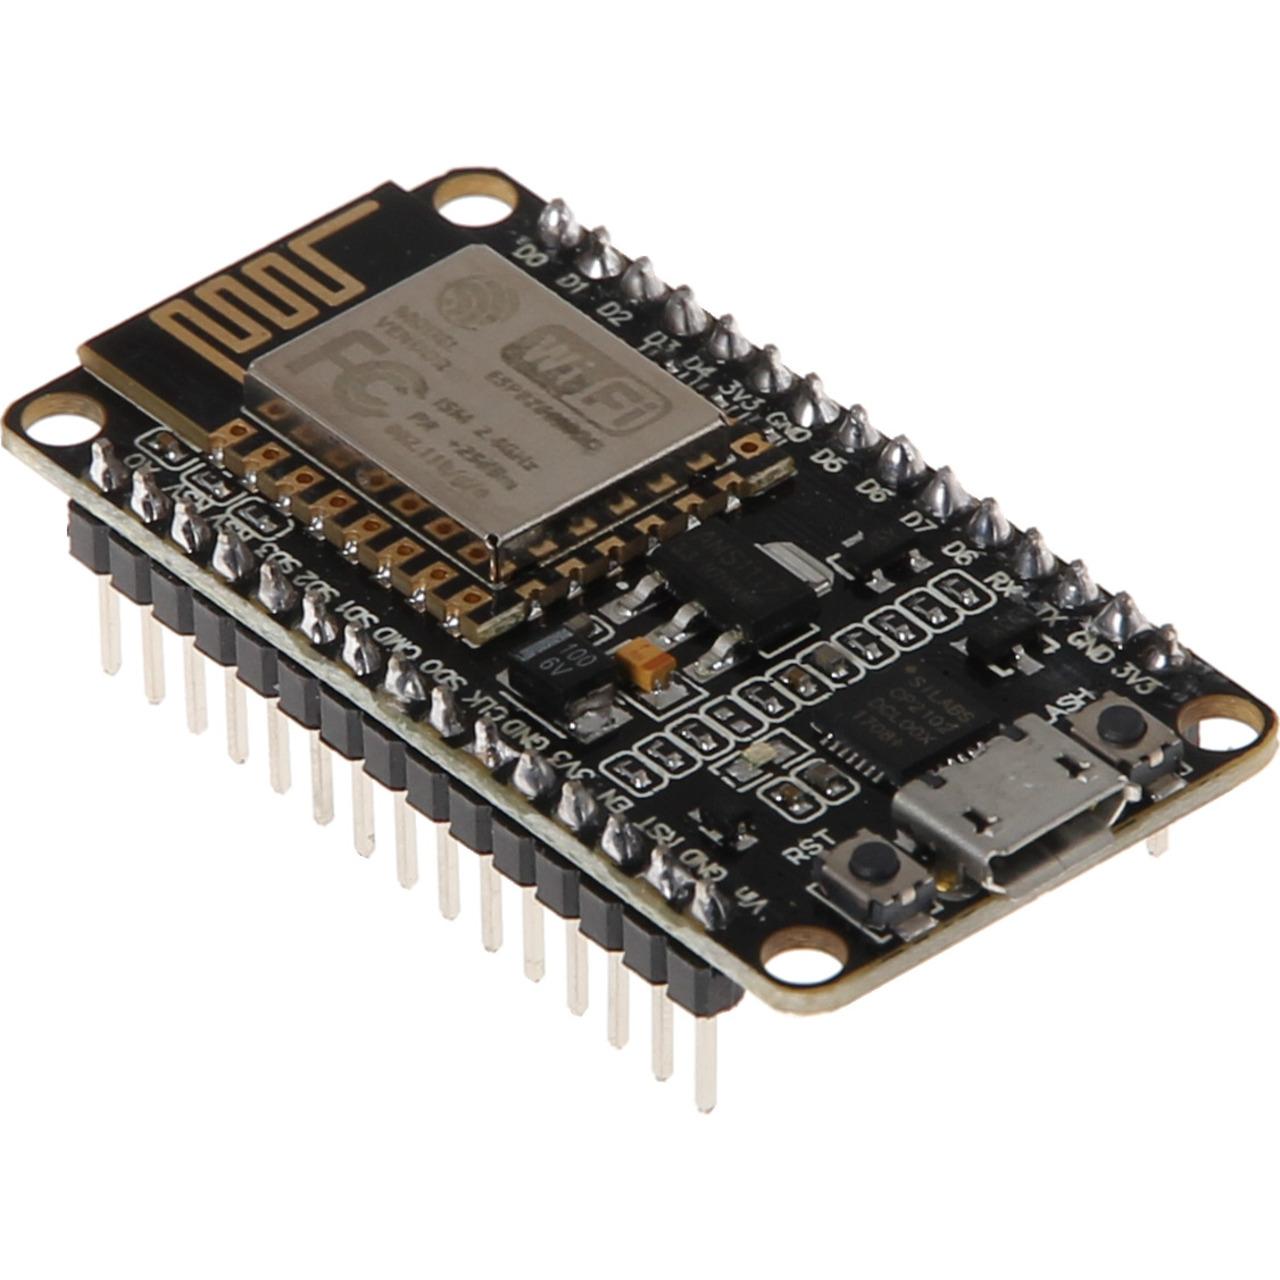 JOY-iT Entwicklungsplatine NodeMCU V2 mit ESP8266